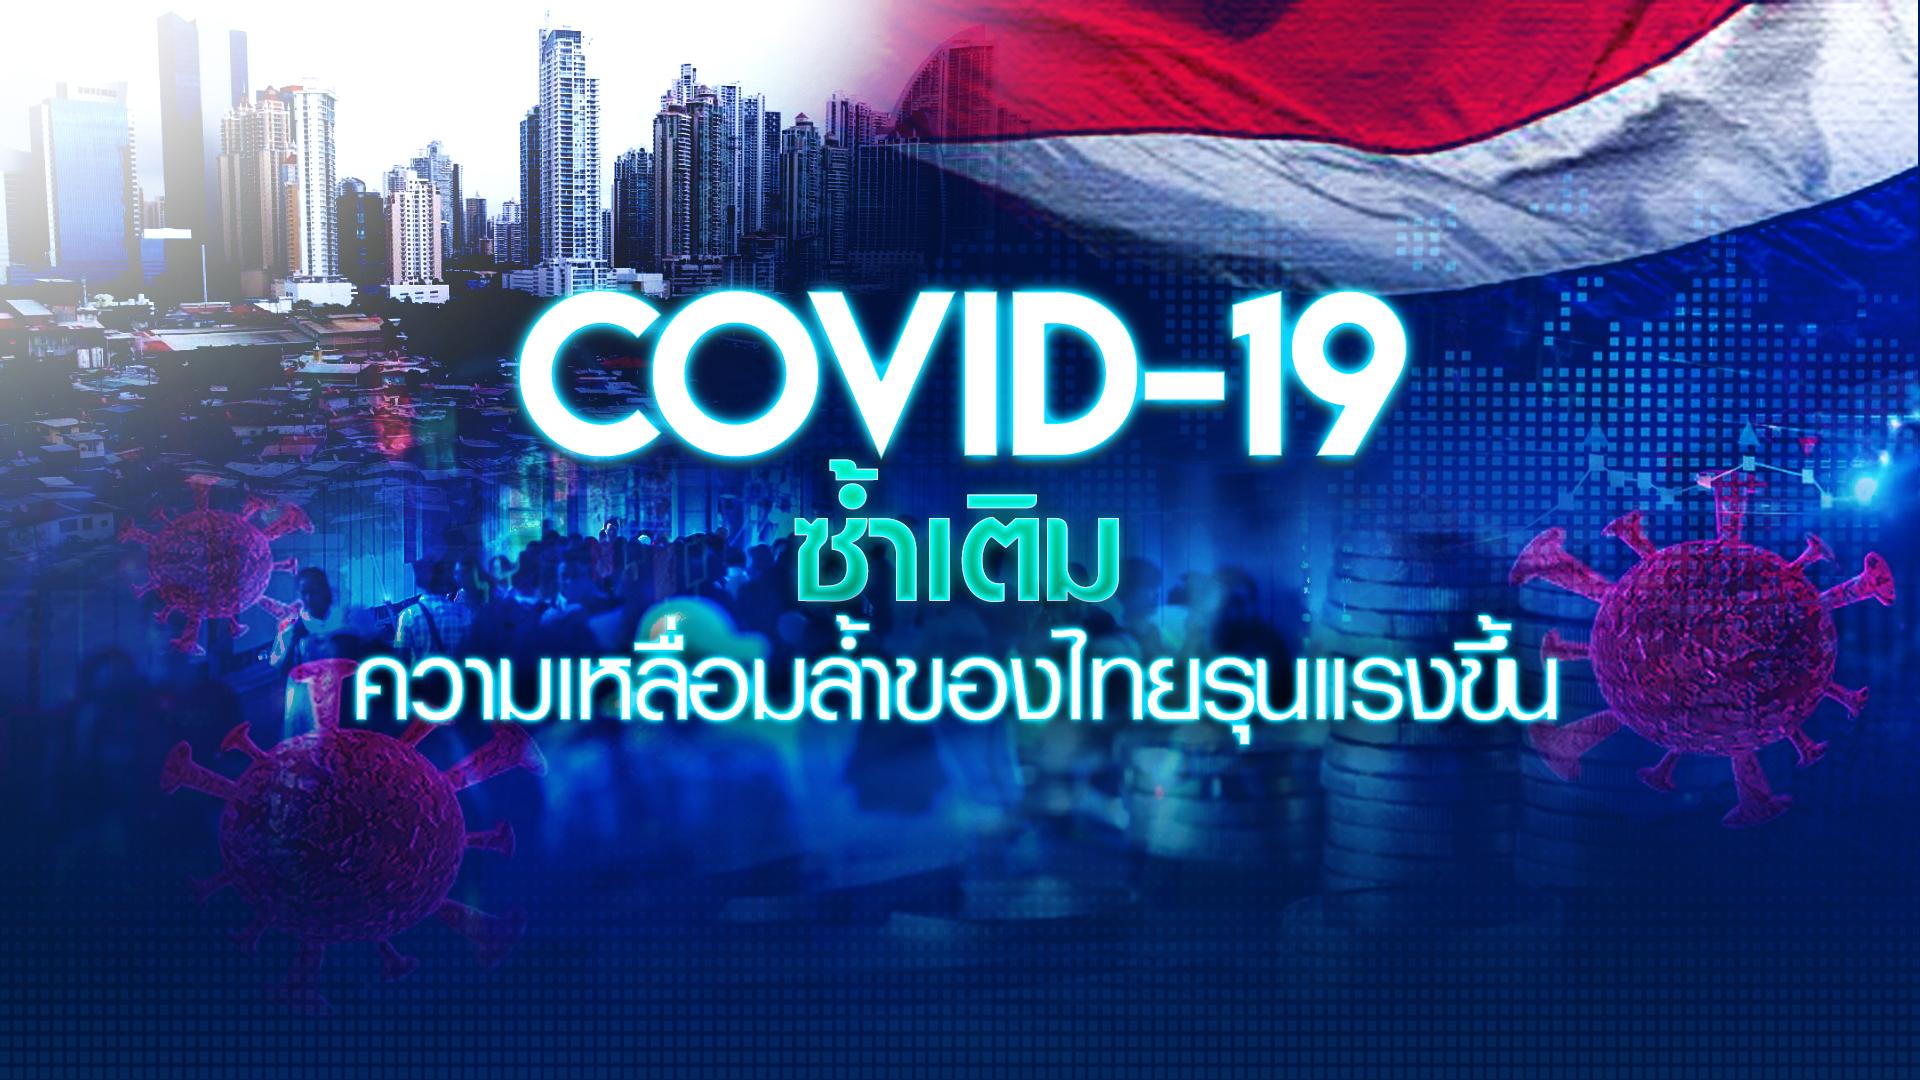 COVID-19 ซ้ำเติม ความเหลื่อมล้ำของไทยรุนแรงขึ้น